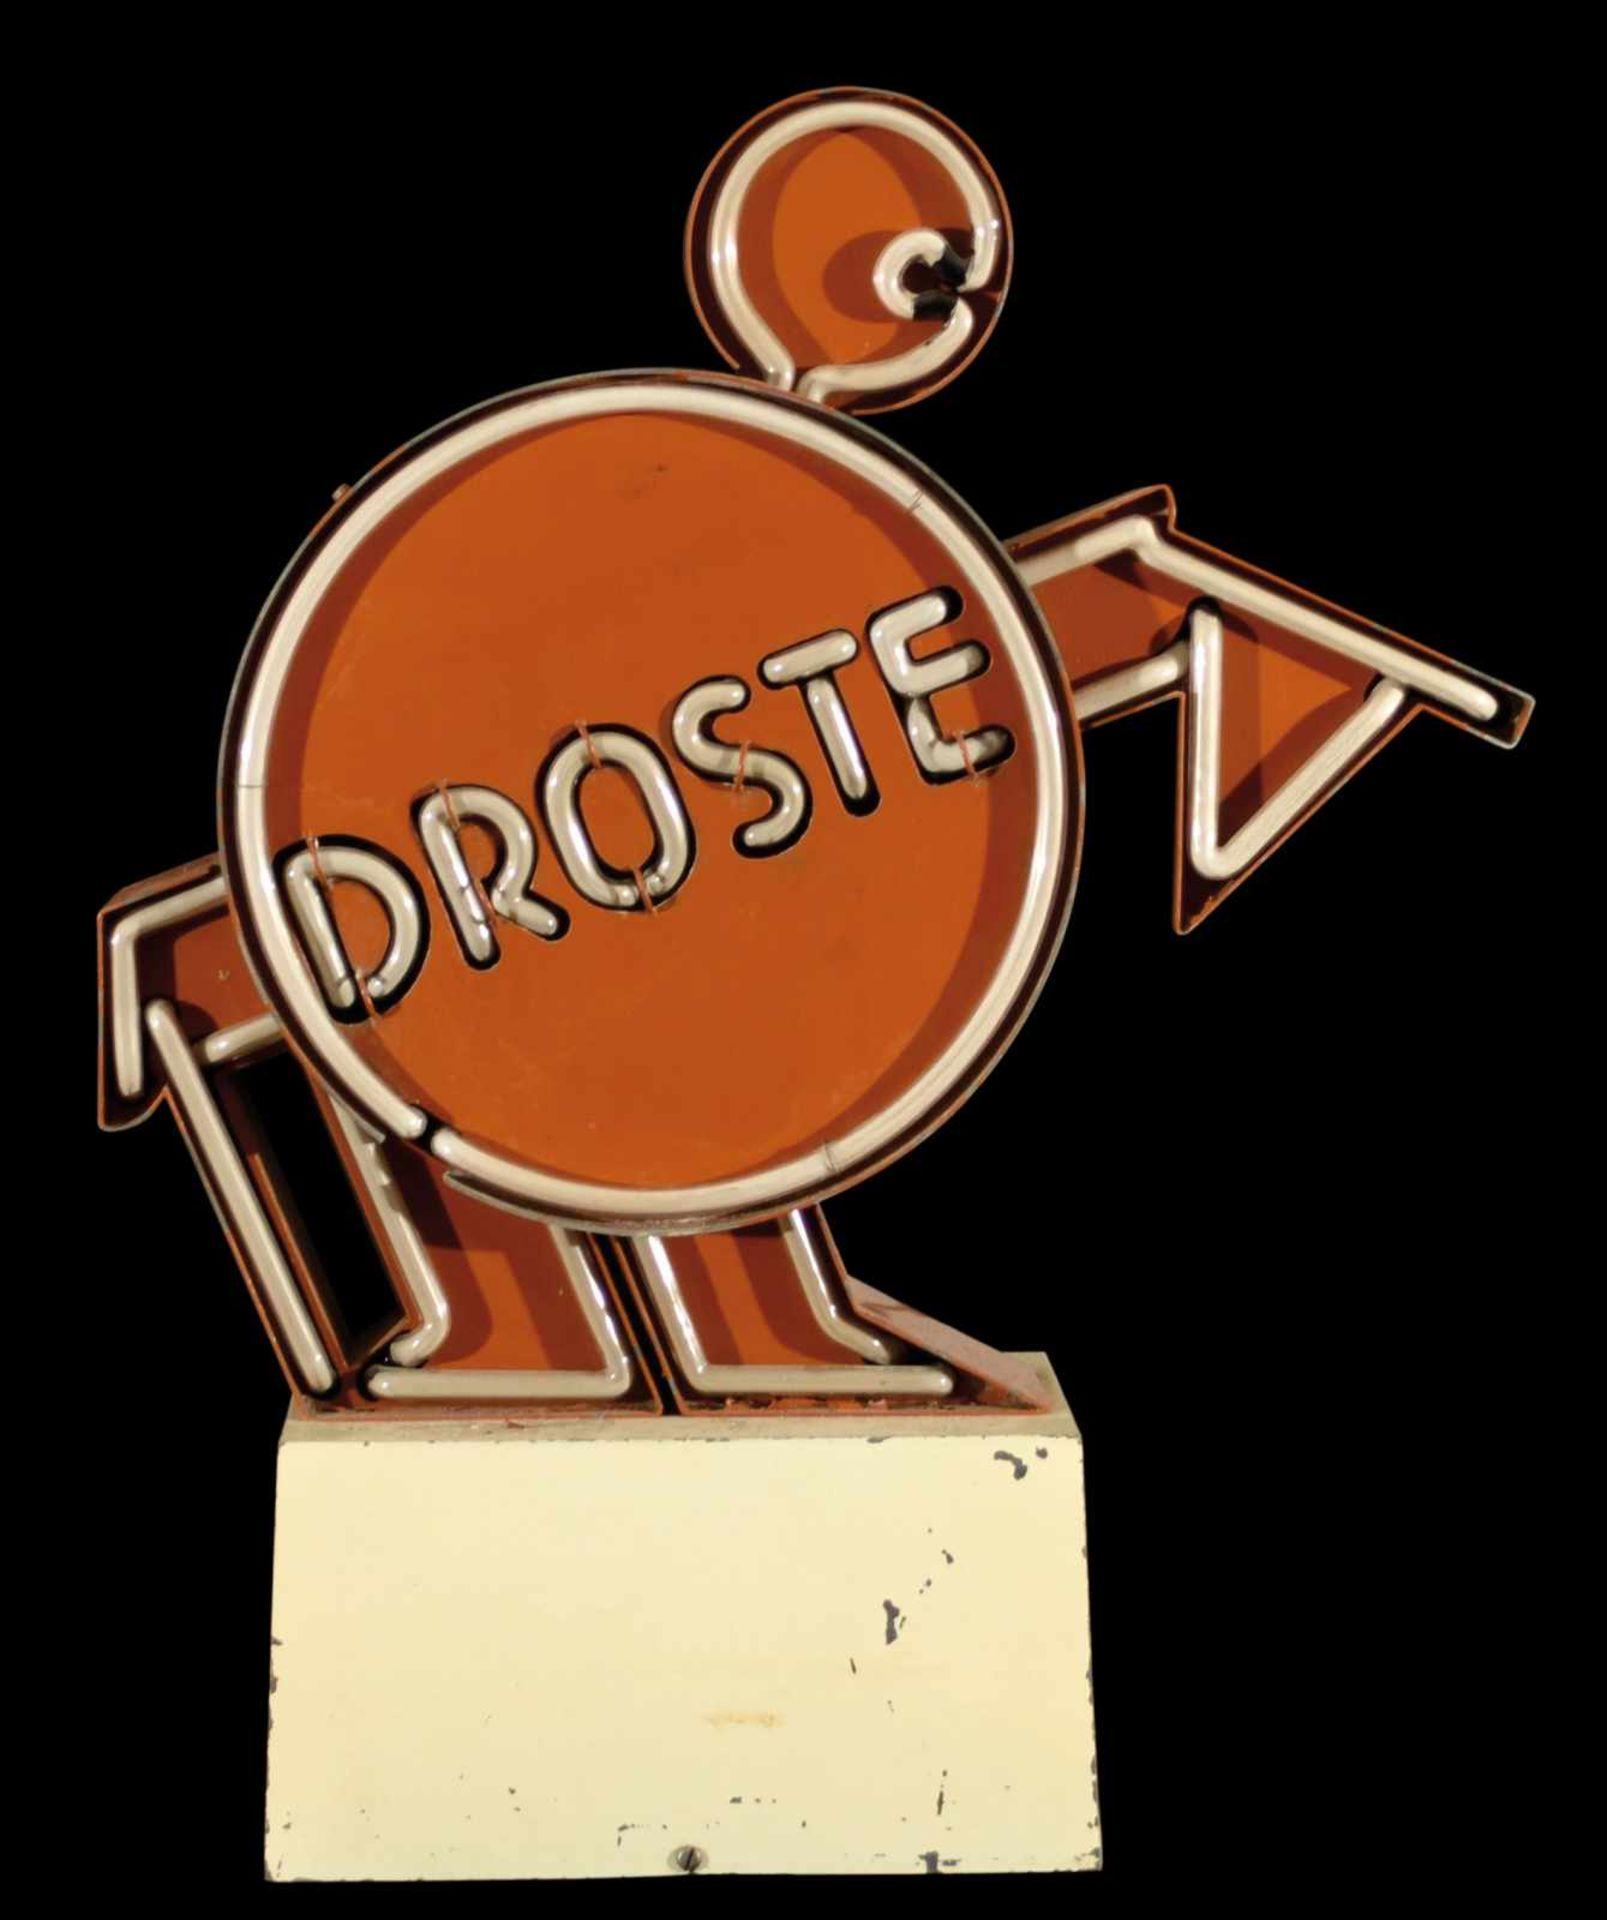 DROSTE (1-2) Neonreklame, Blechkorpus, Niederlande 50er Jahre, H 47 cm, Sockel mit leichten